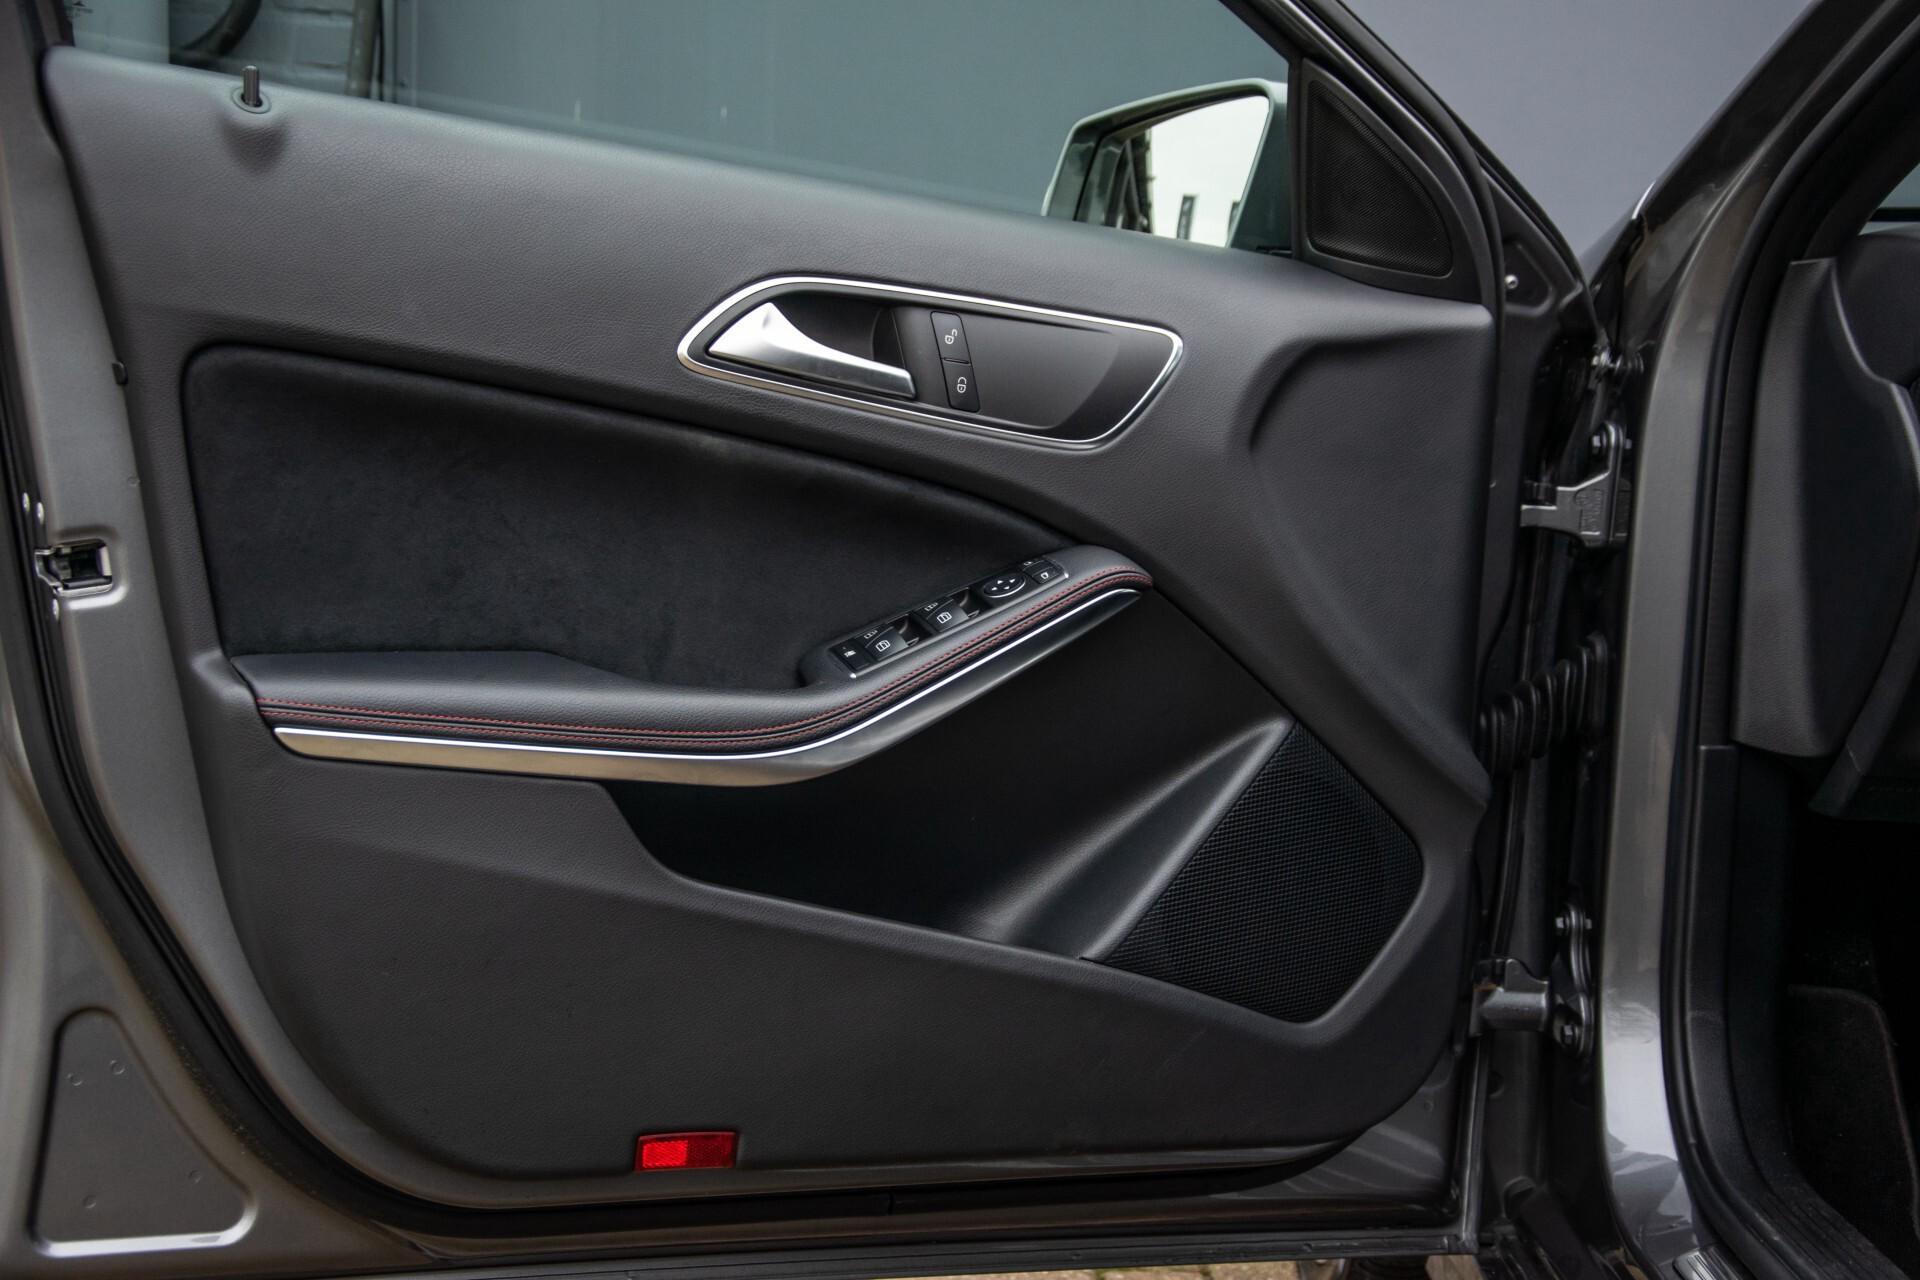 Mercedes-Benz A-Klasse 180 AMG Dynamic Handling/Camera/Xenon/Navi/Privacy Aut7 Foto 33